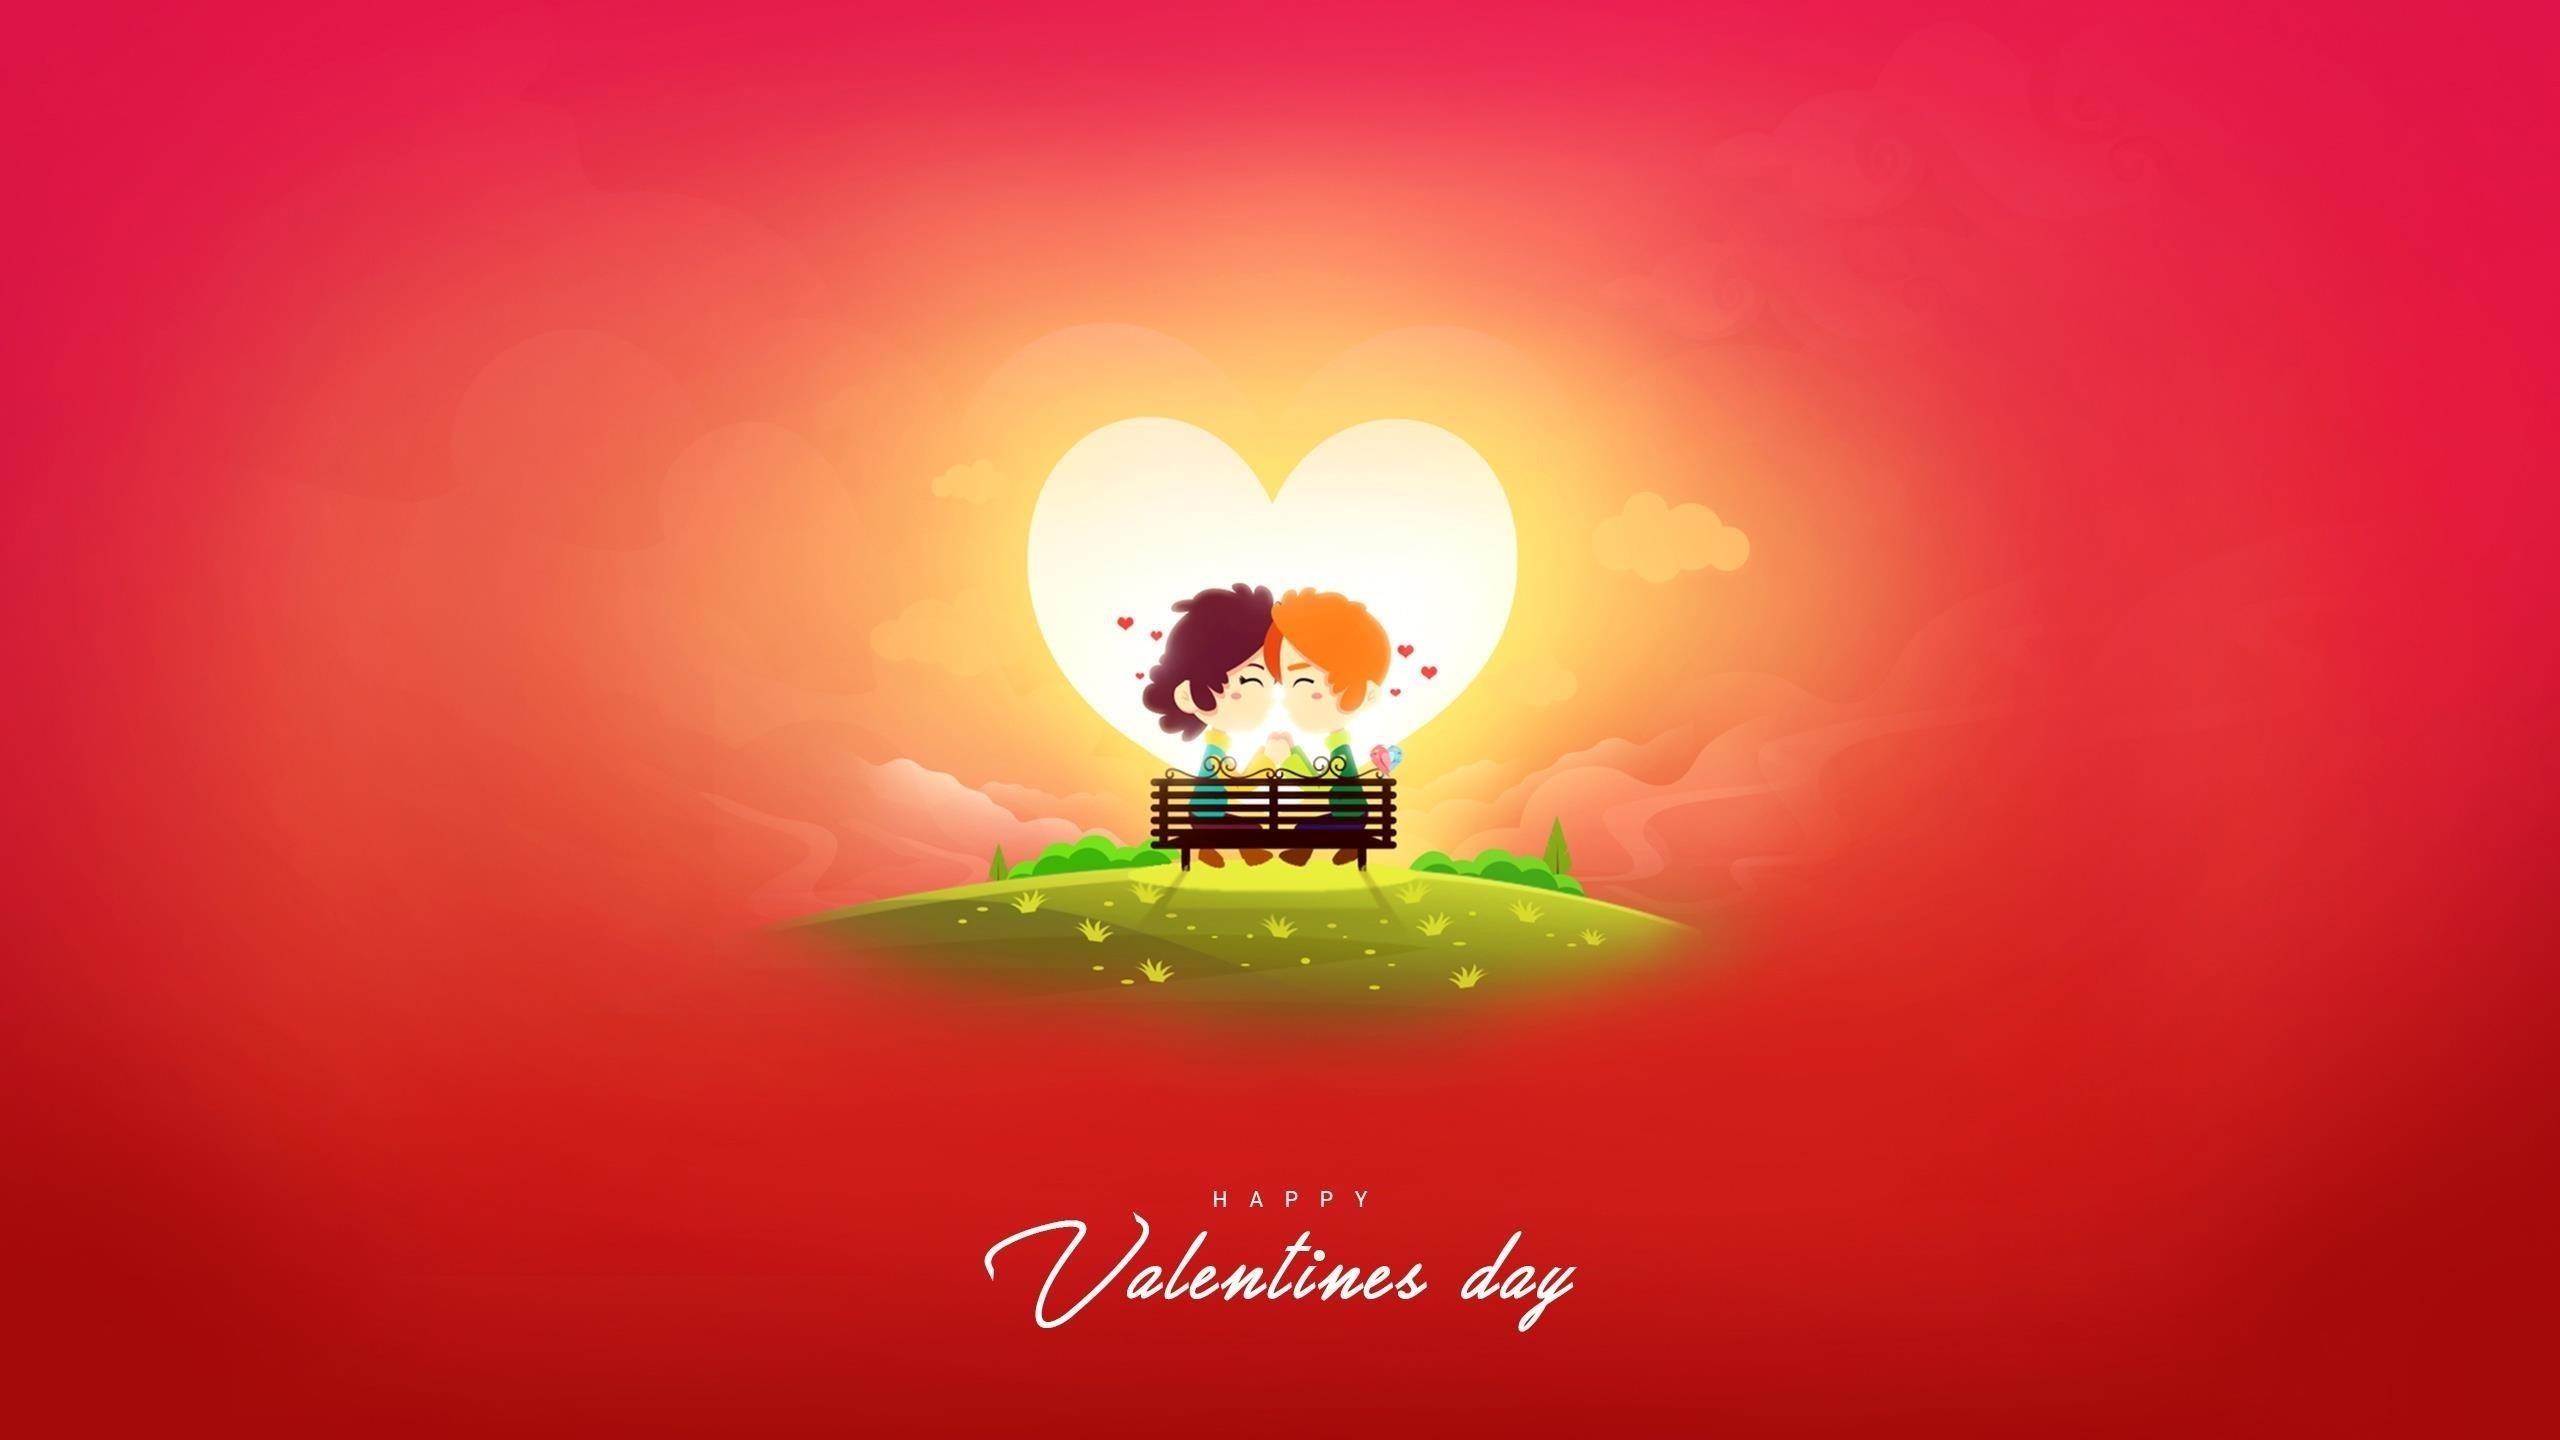 С Днем святого Валентина 2019 обои скачать